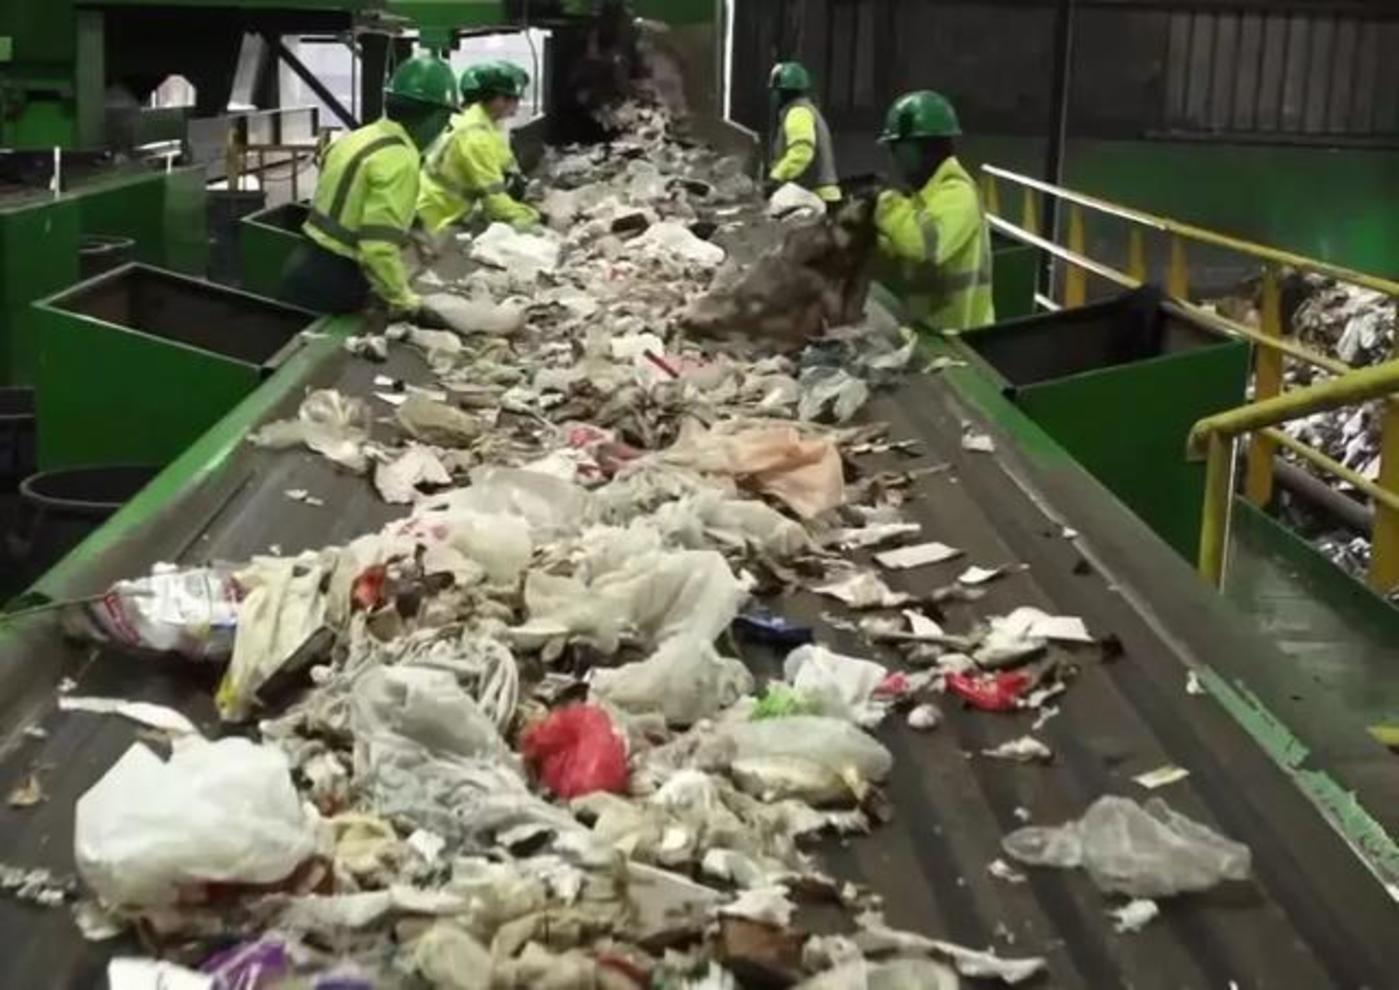 传统的人工垃圾分类处理流水线